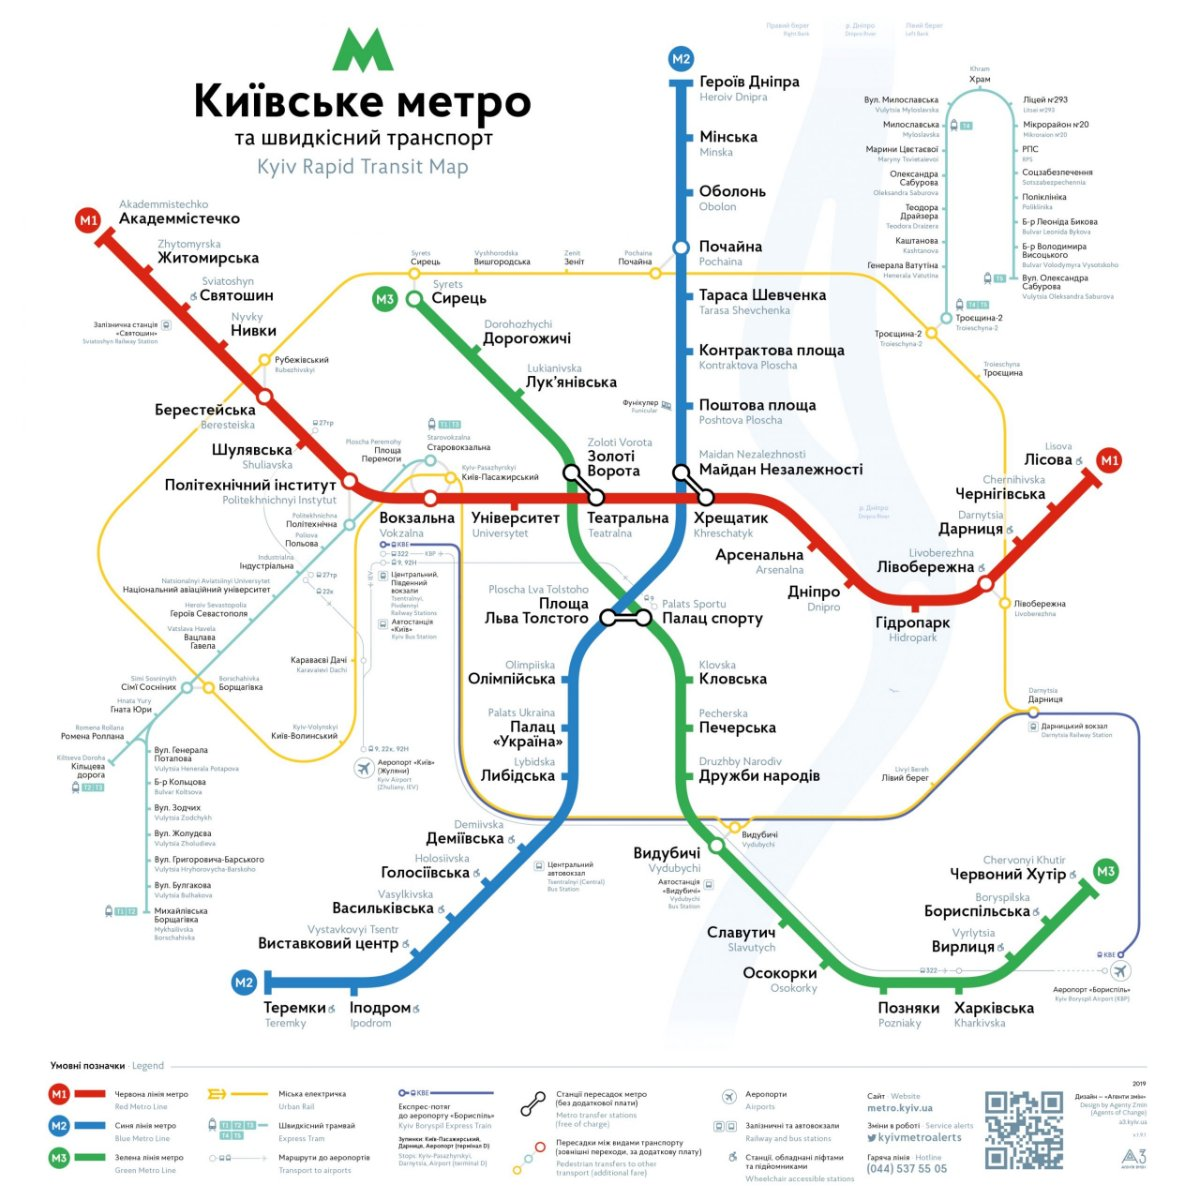 IDMedia Наружная реклама в городе Киев (Киевская область), Метро Digital в городе Киев №238978 схема